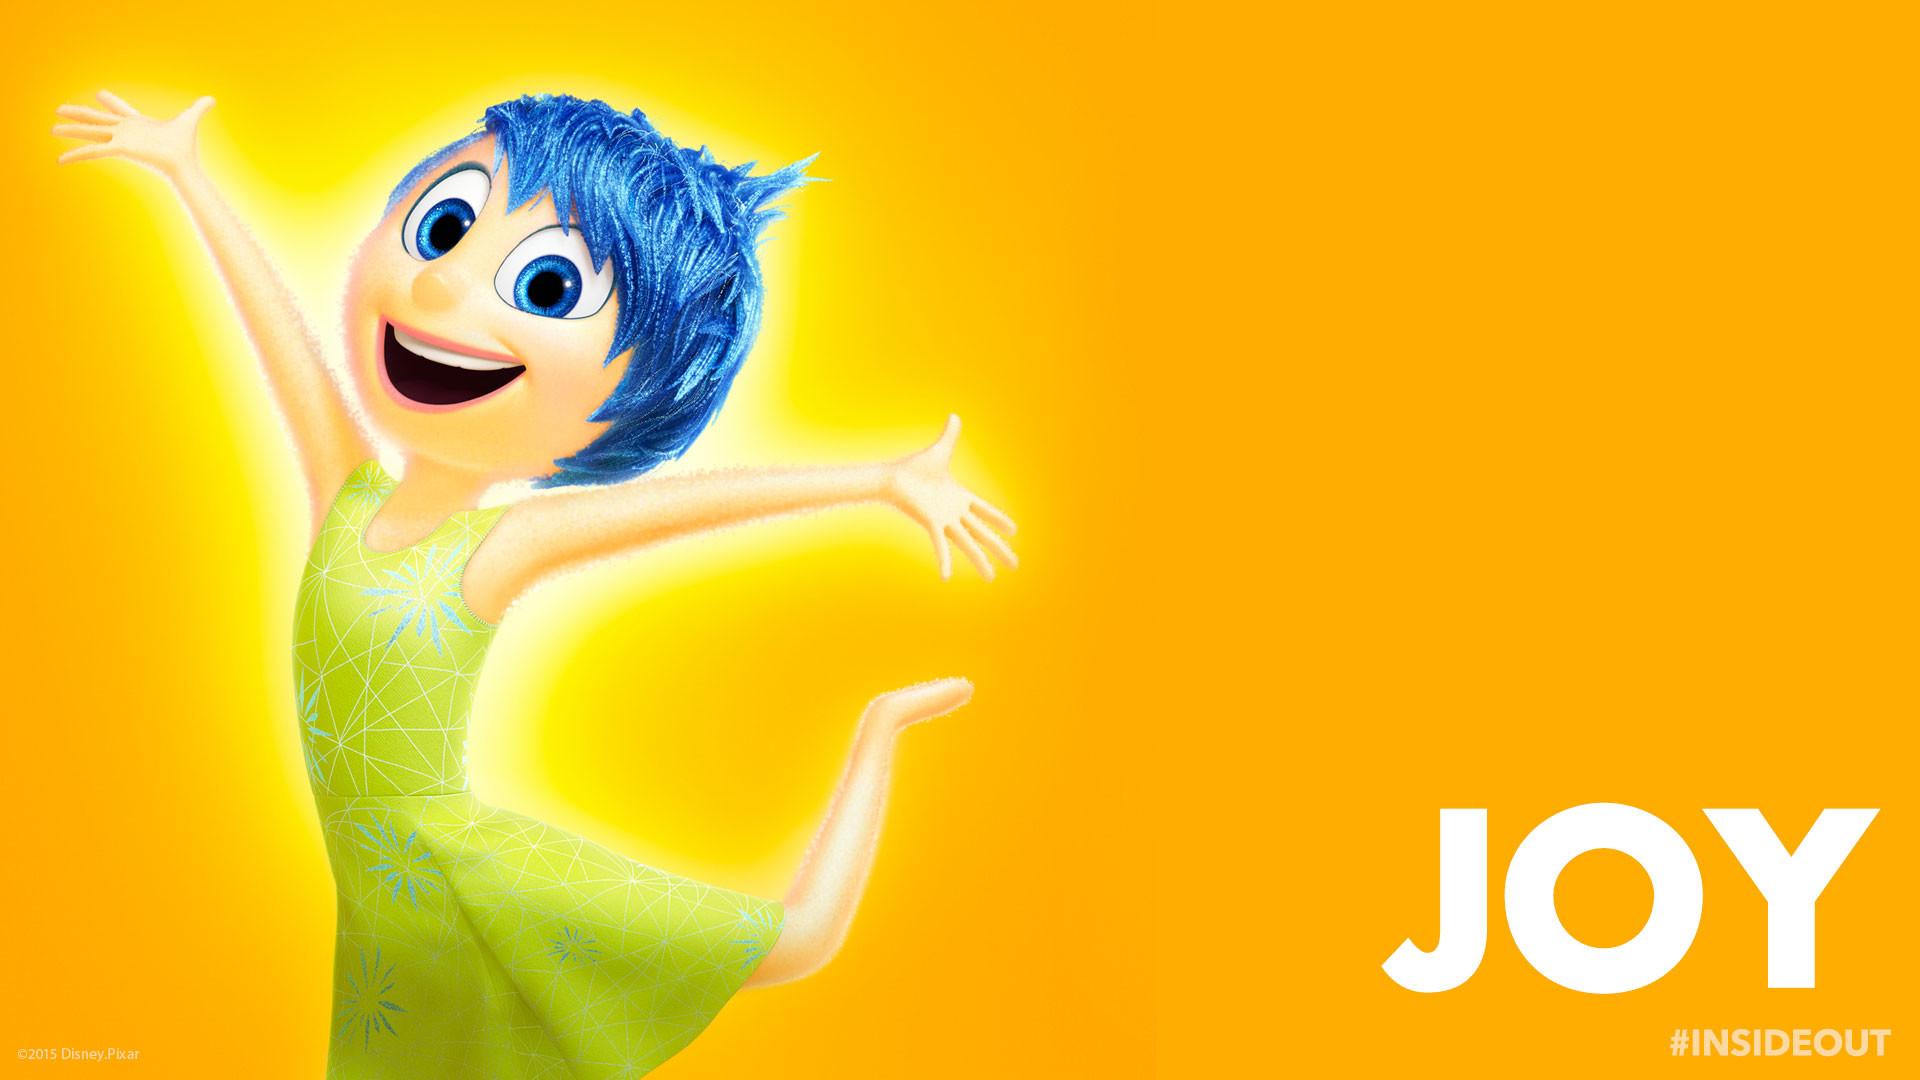 … Inside Out Joy Disney Movie Wallpaper …